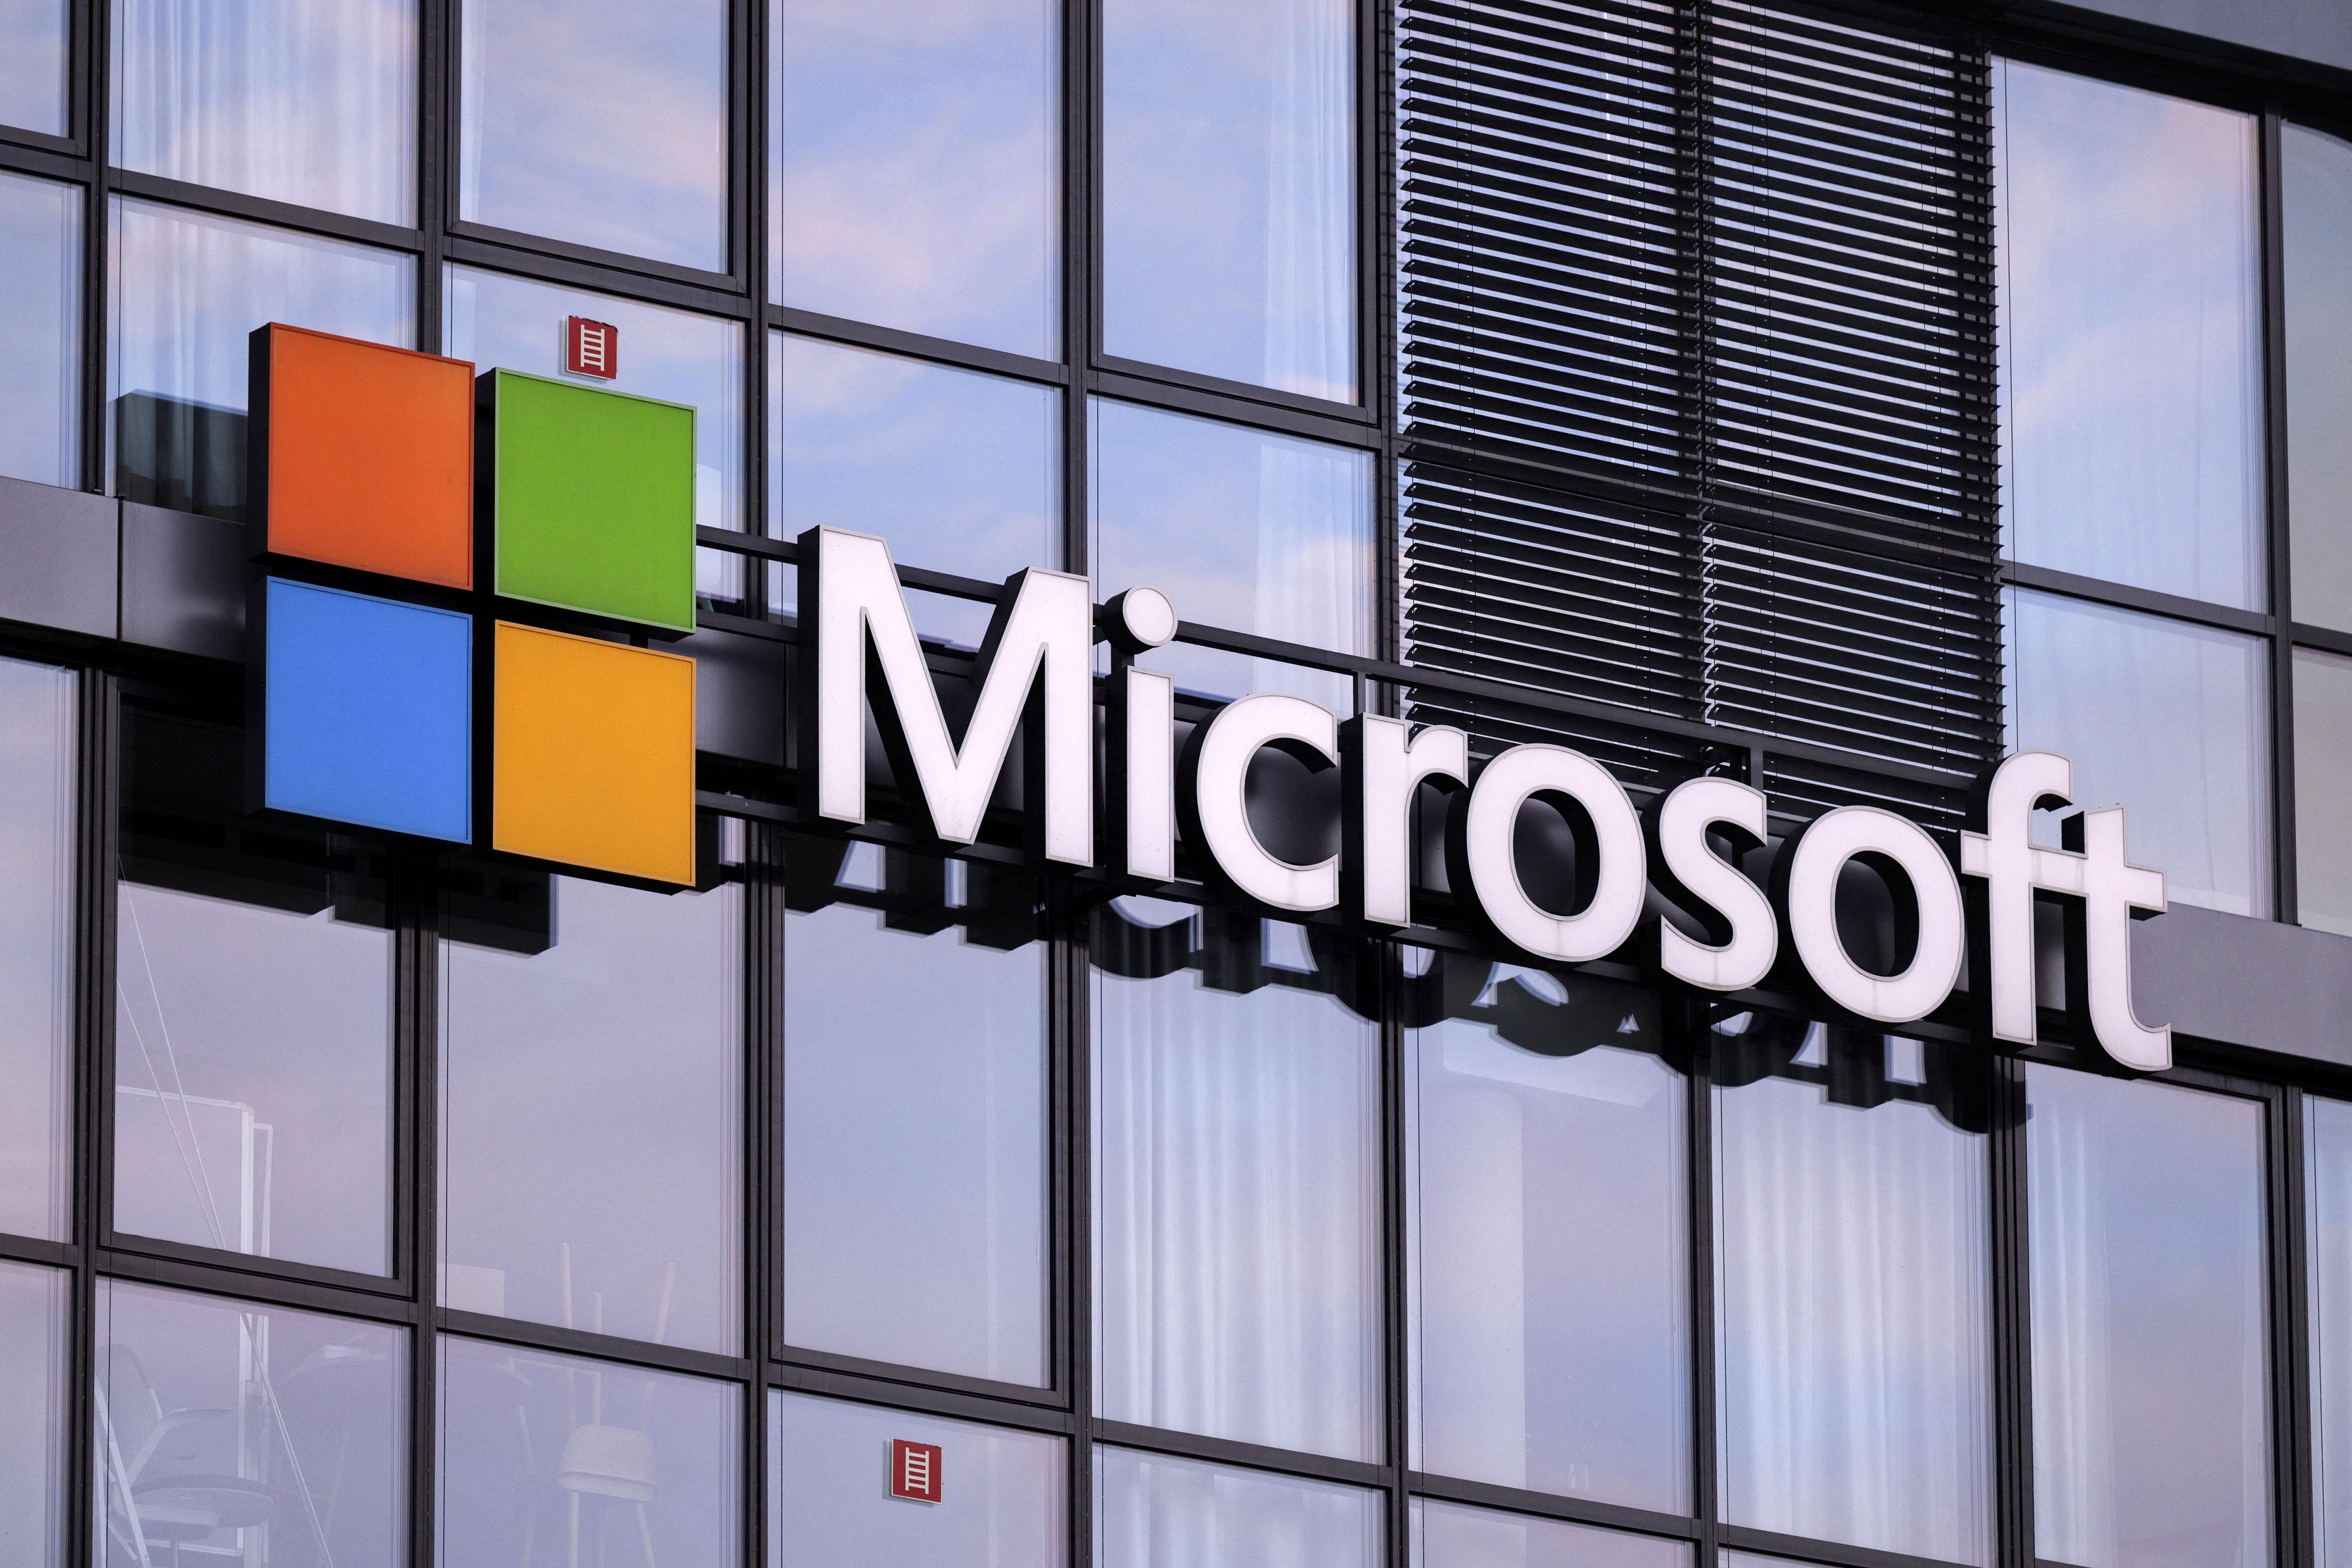 315 milliárd dolláros profit után egyetlen cent társasági adót sem fizetett a Microsoft ír leányvállalata